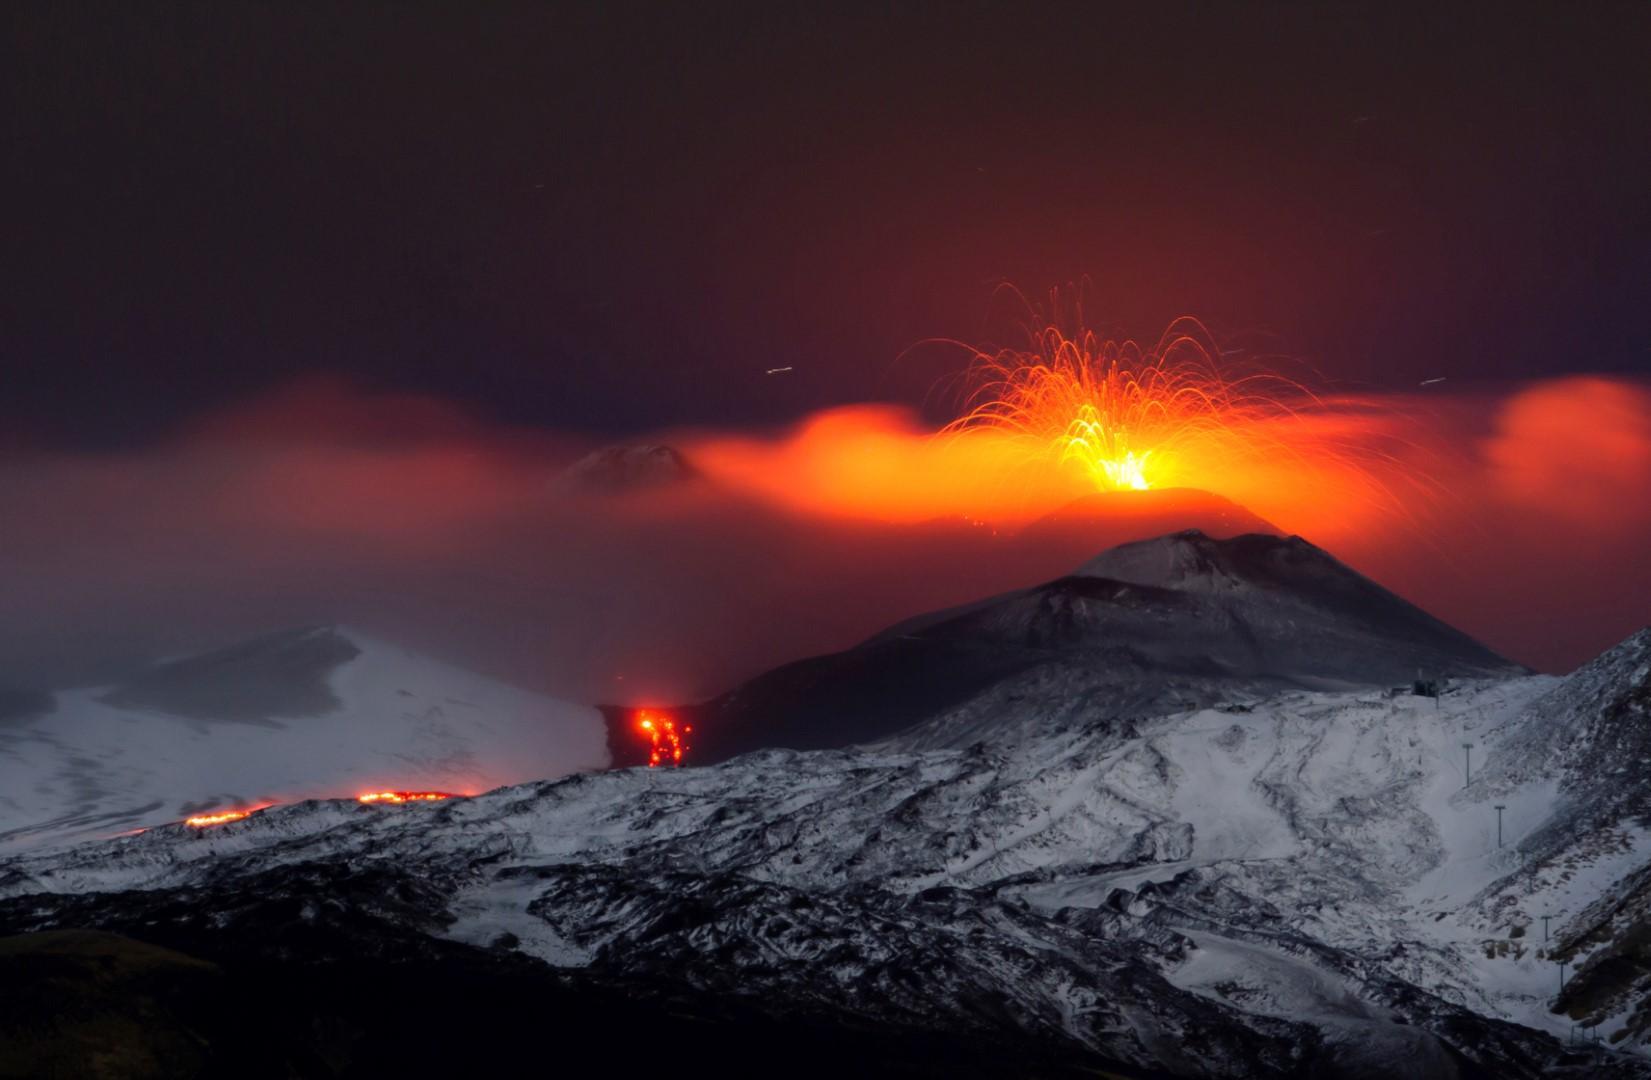 Vulcani: spettacolari montagne di fuoco